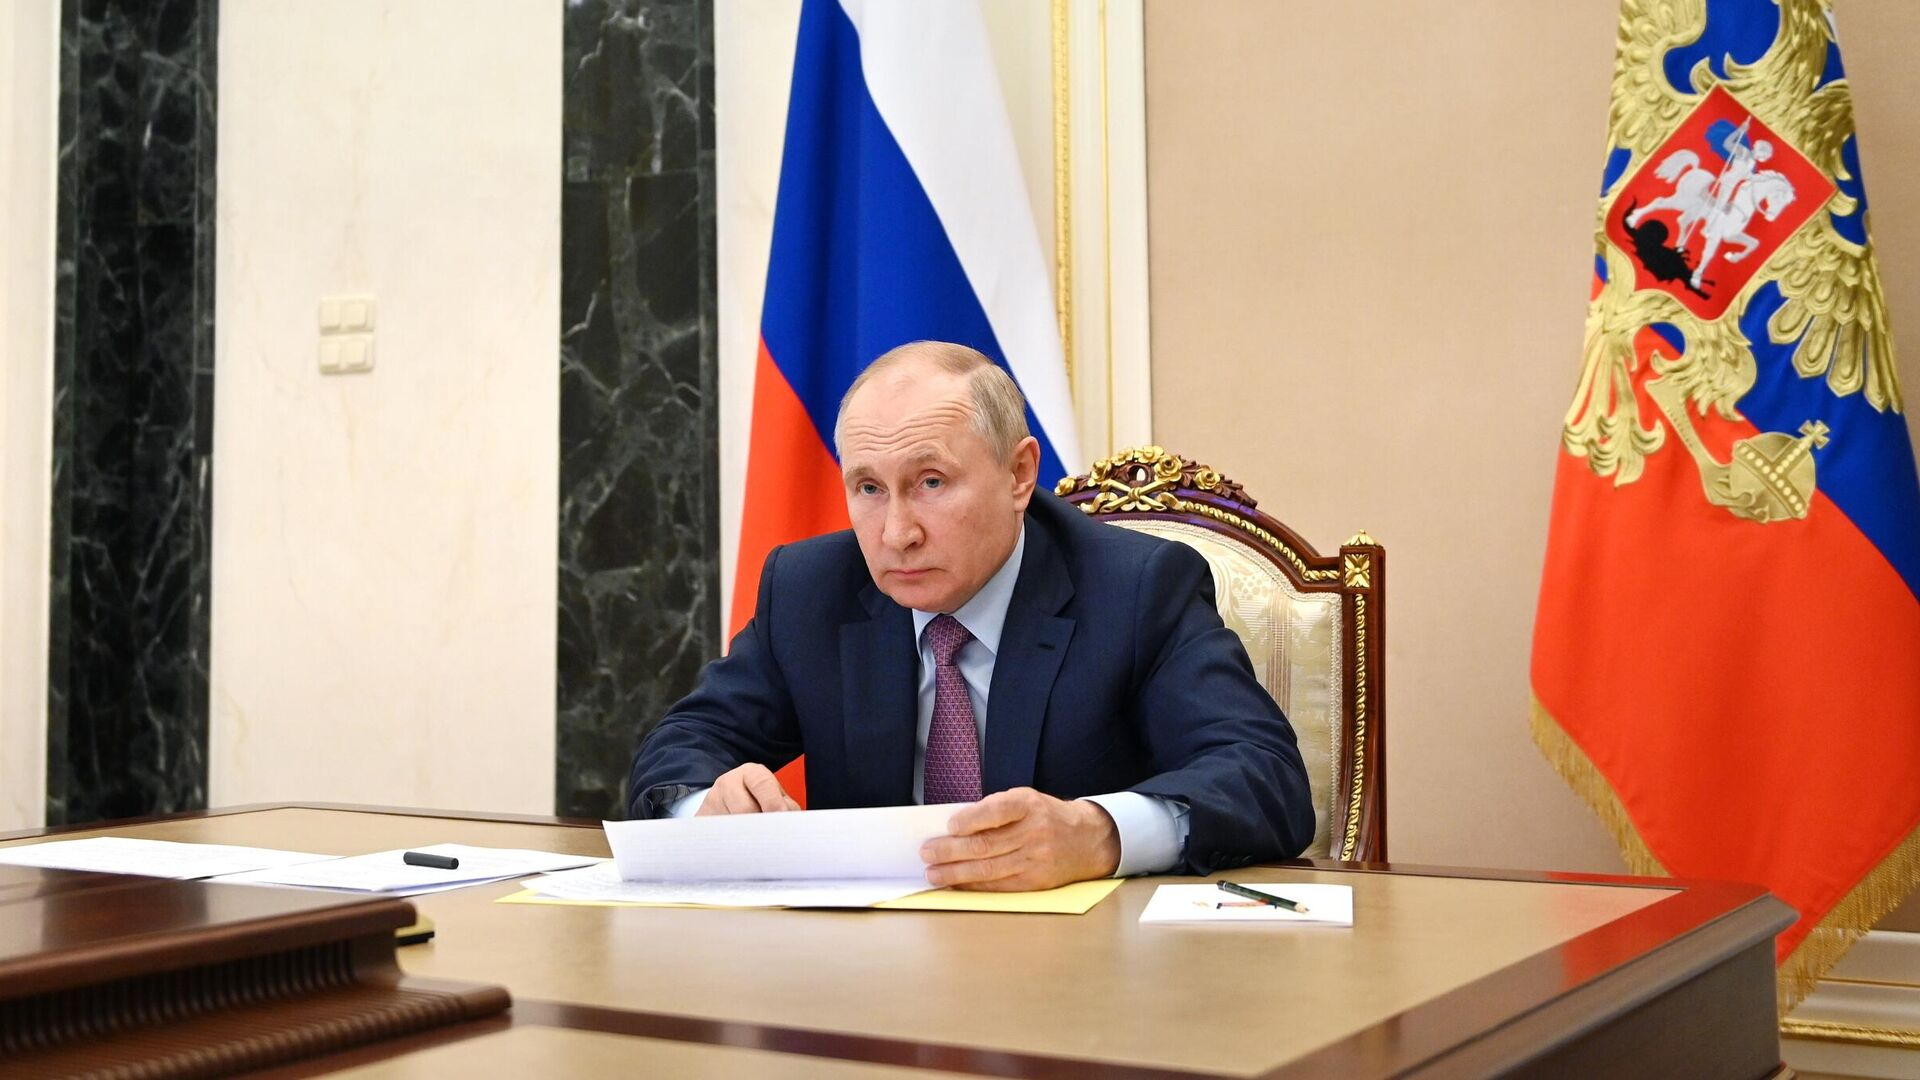 Президент РФ Владимир Путин проводит в режиме видеоконференции совещание с членами правительства РФ - РИА Новости, 1920, 05.08.2021